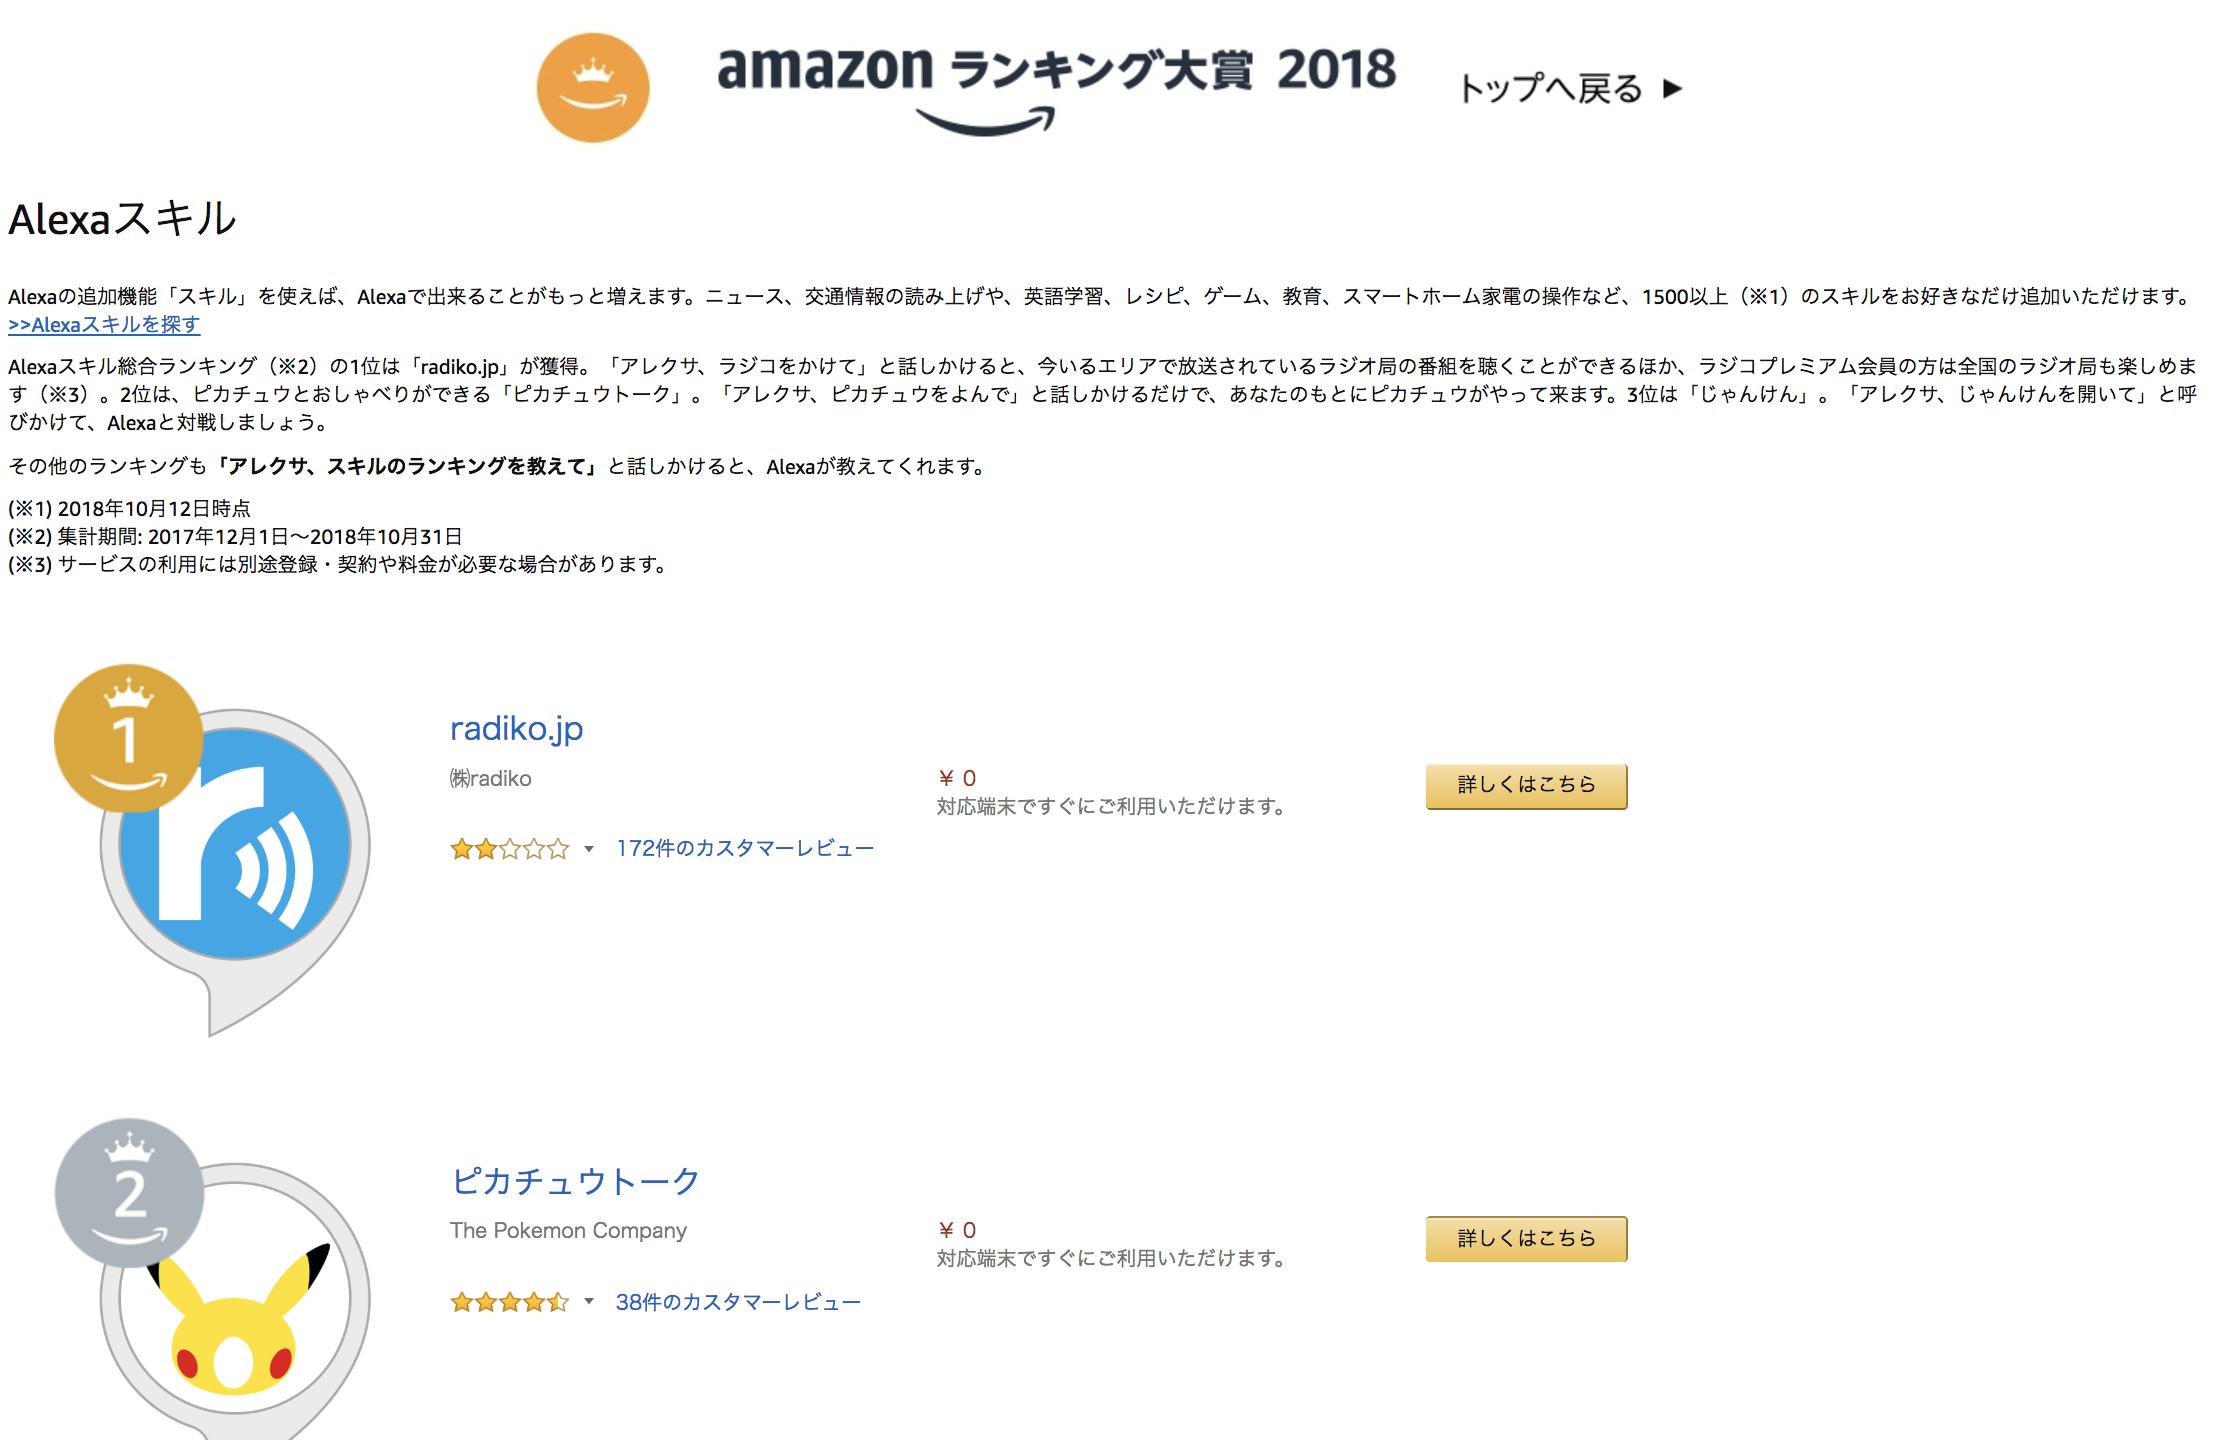 スクリーンショット 2018-12-08 0.14.05.png